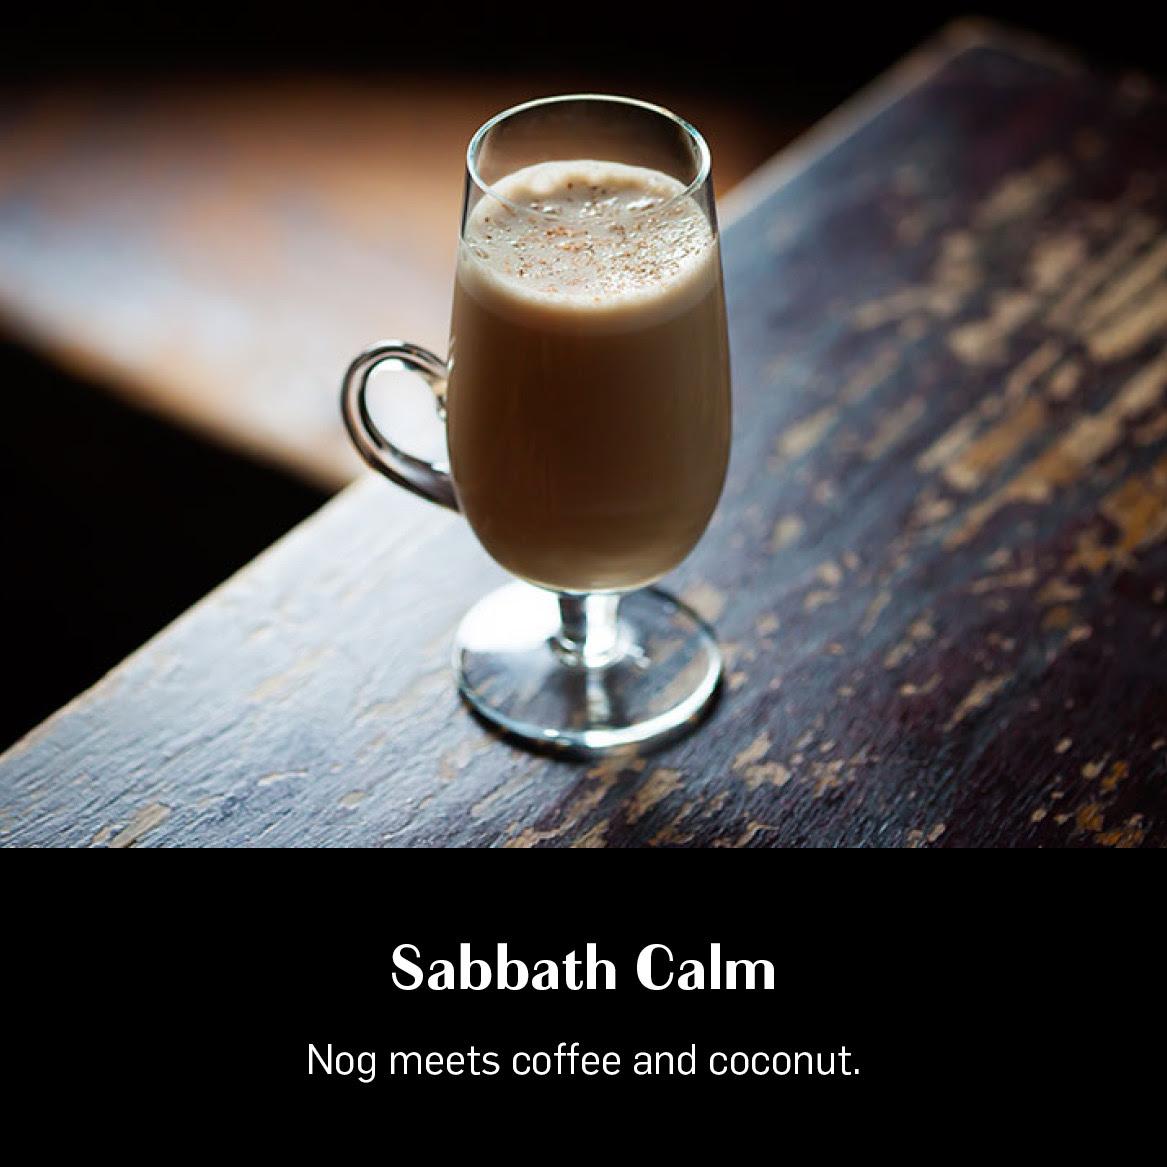 Sabbath Calm